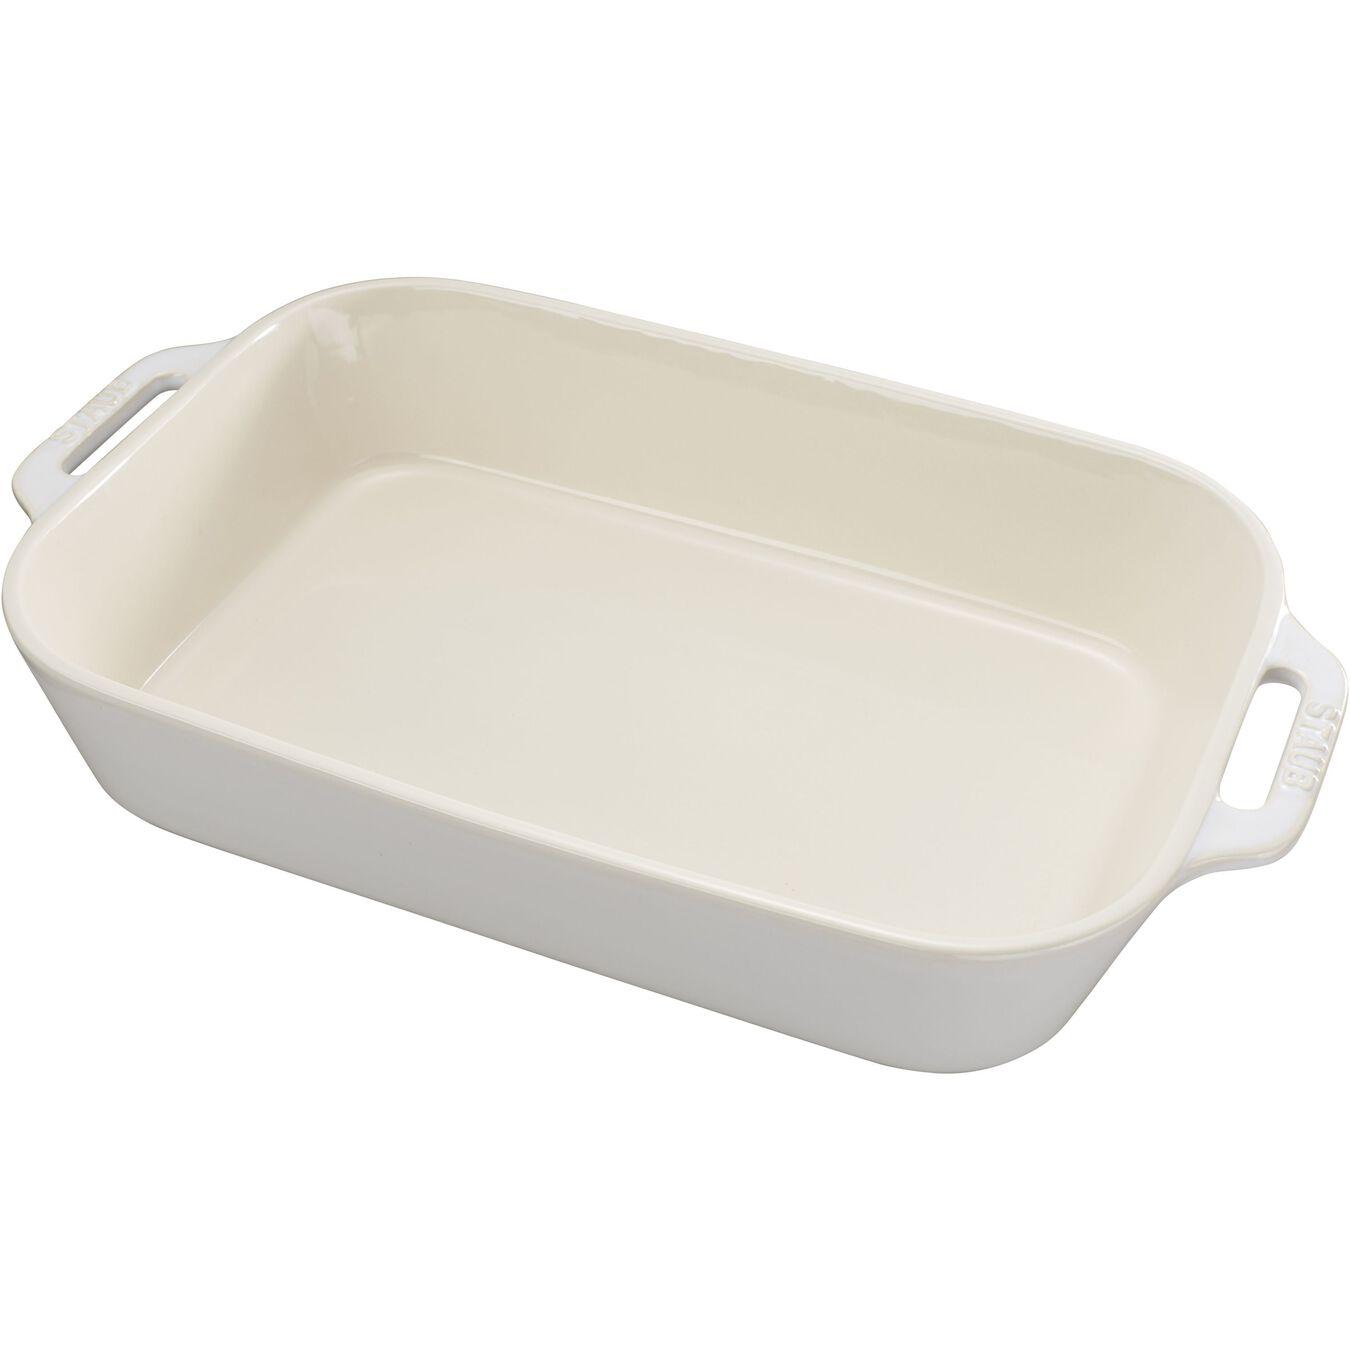 13-x 9-inch, rectangular, Baking Dish, ivory-white,,large 1